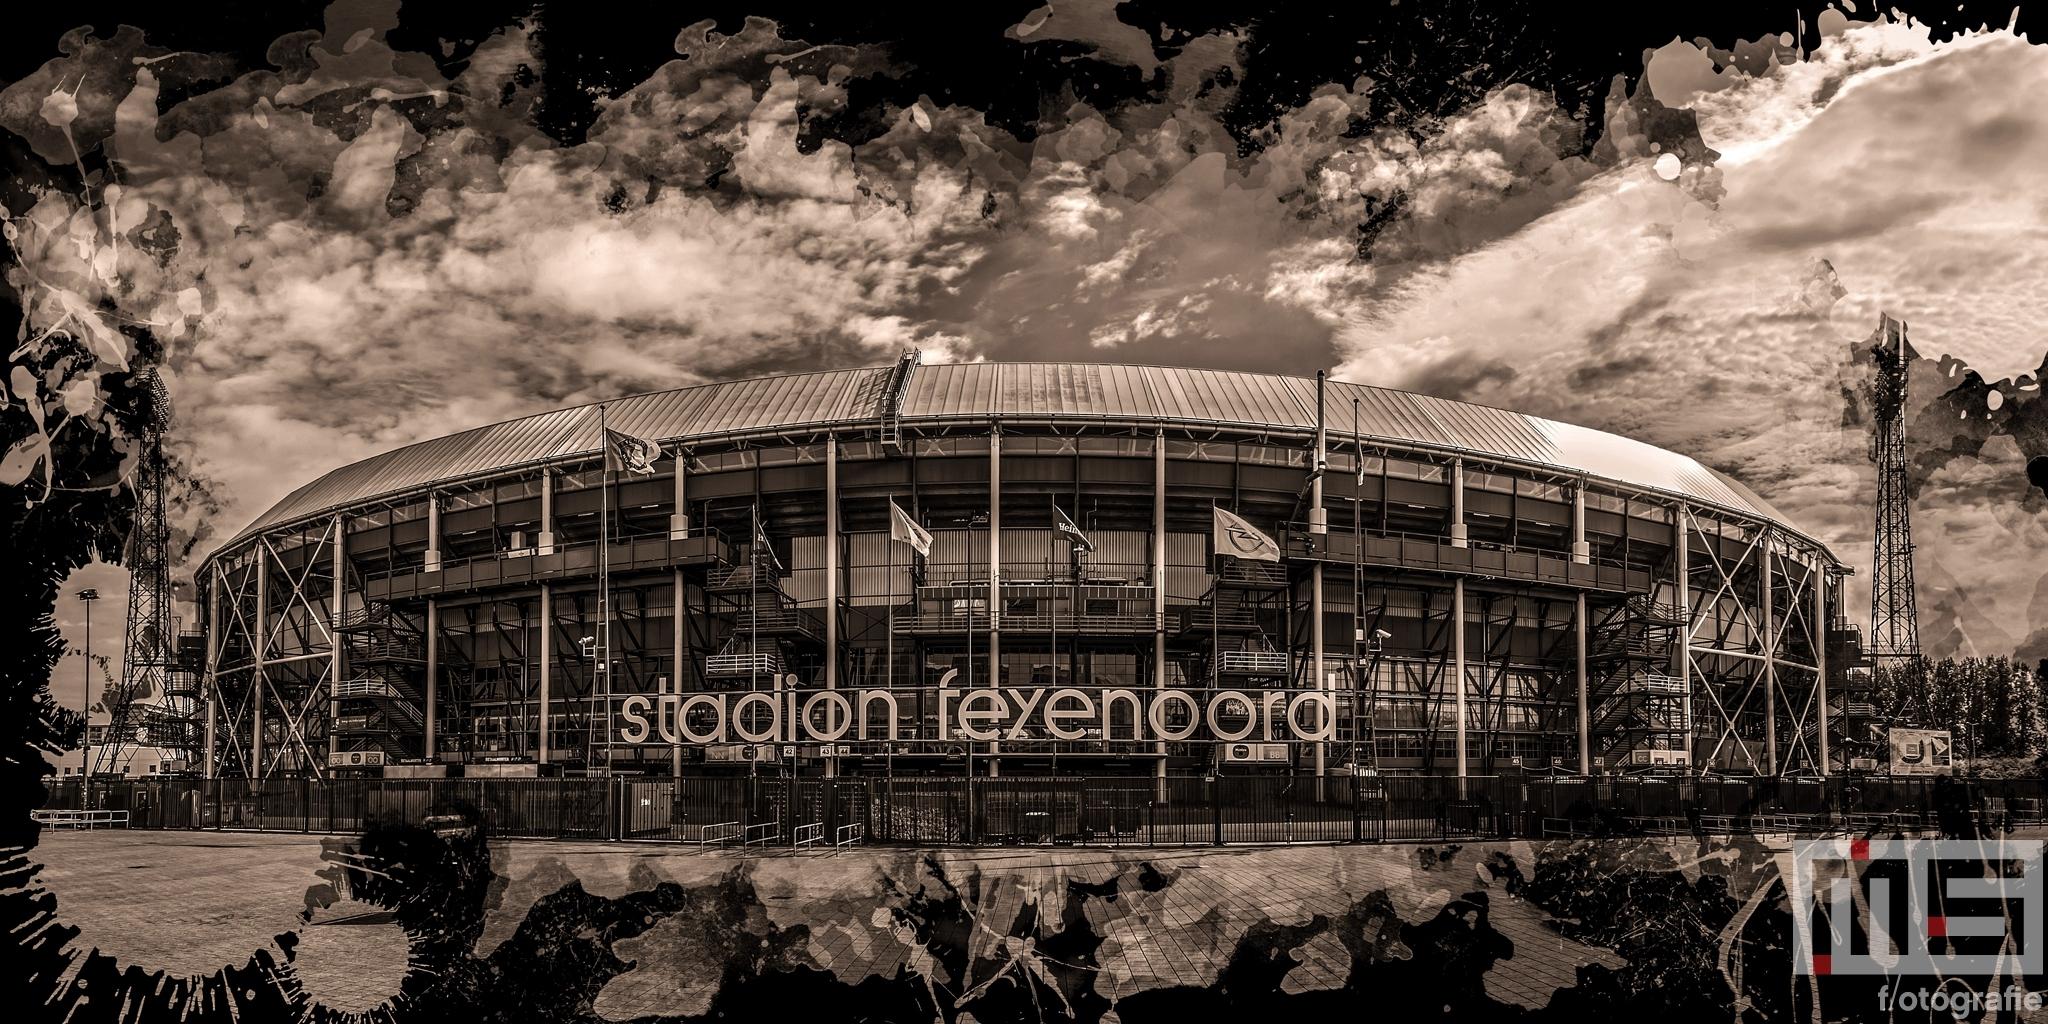 Te Koop | Het Feyenoord Art Stadion De Kuip in Rotterdam in zwart sepia